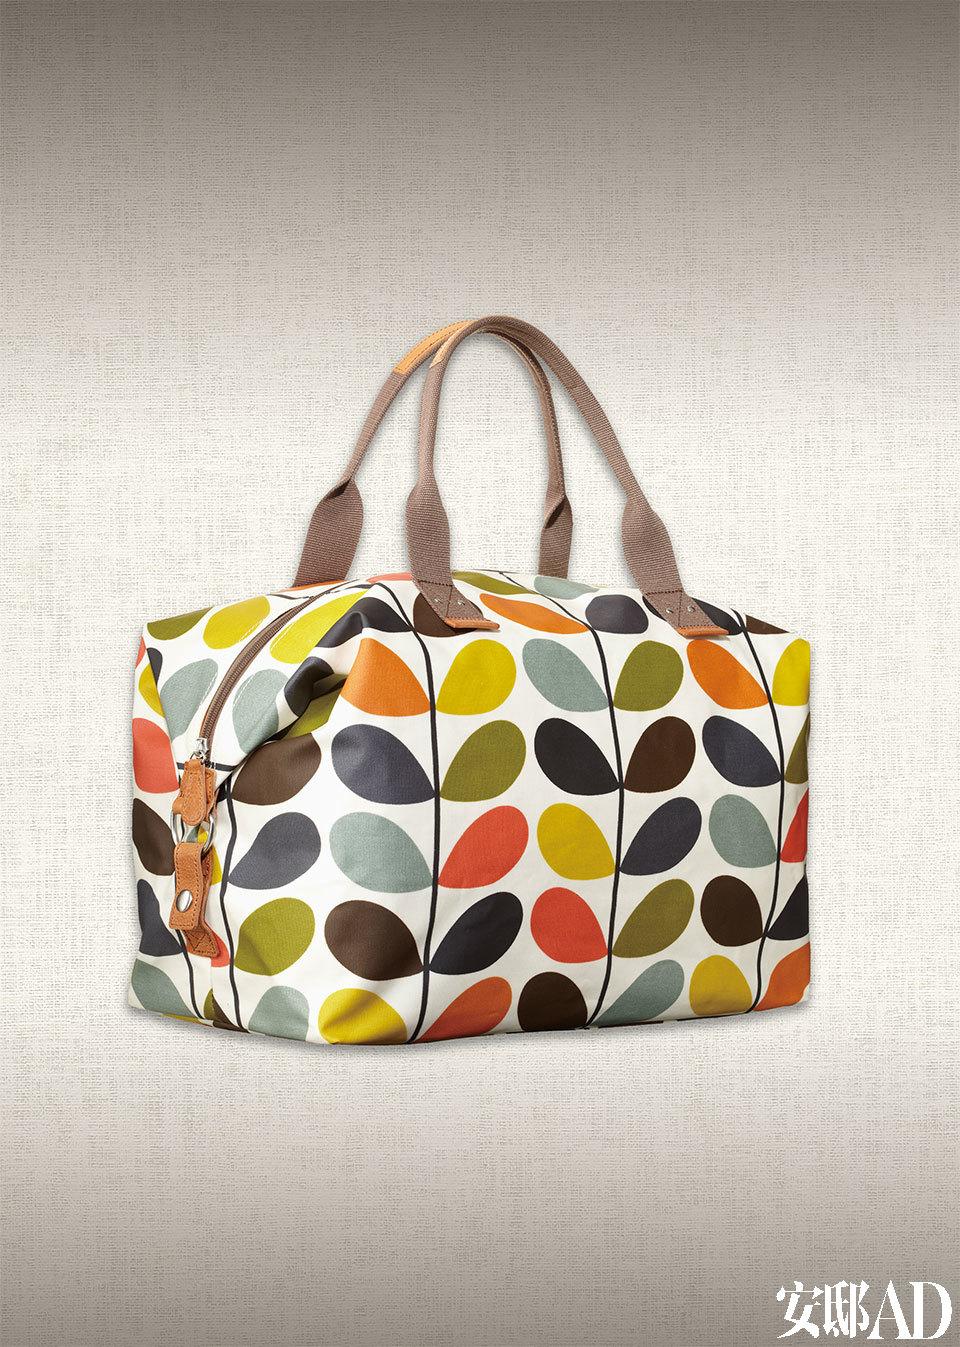 Orla的成名作之一,彩色树叶图案手提包。